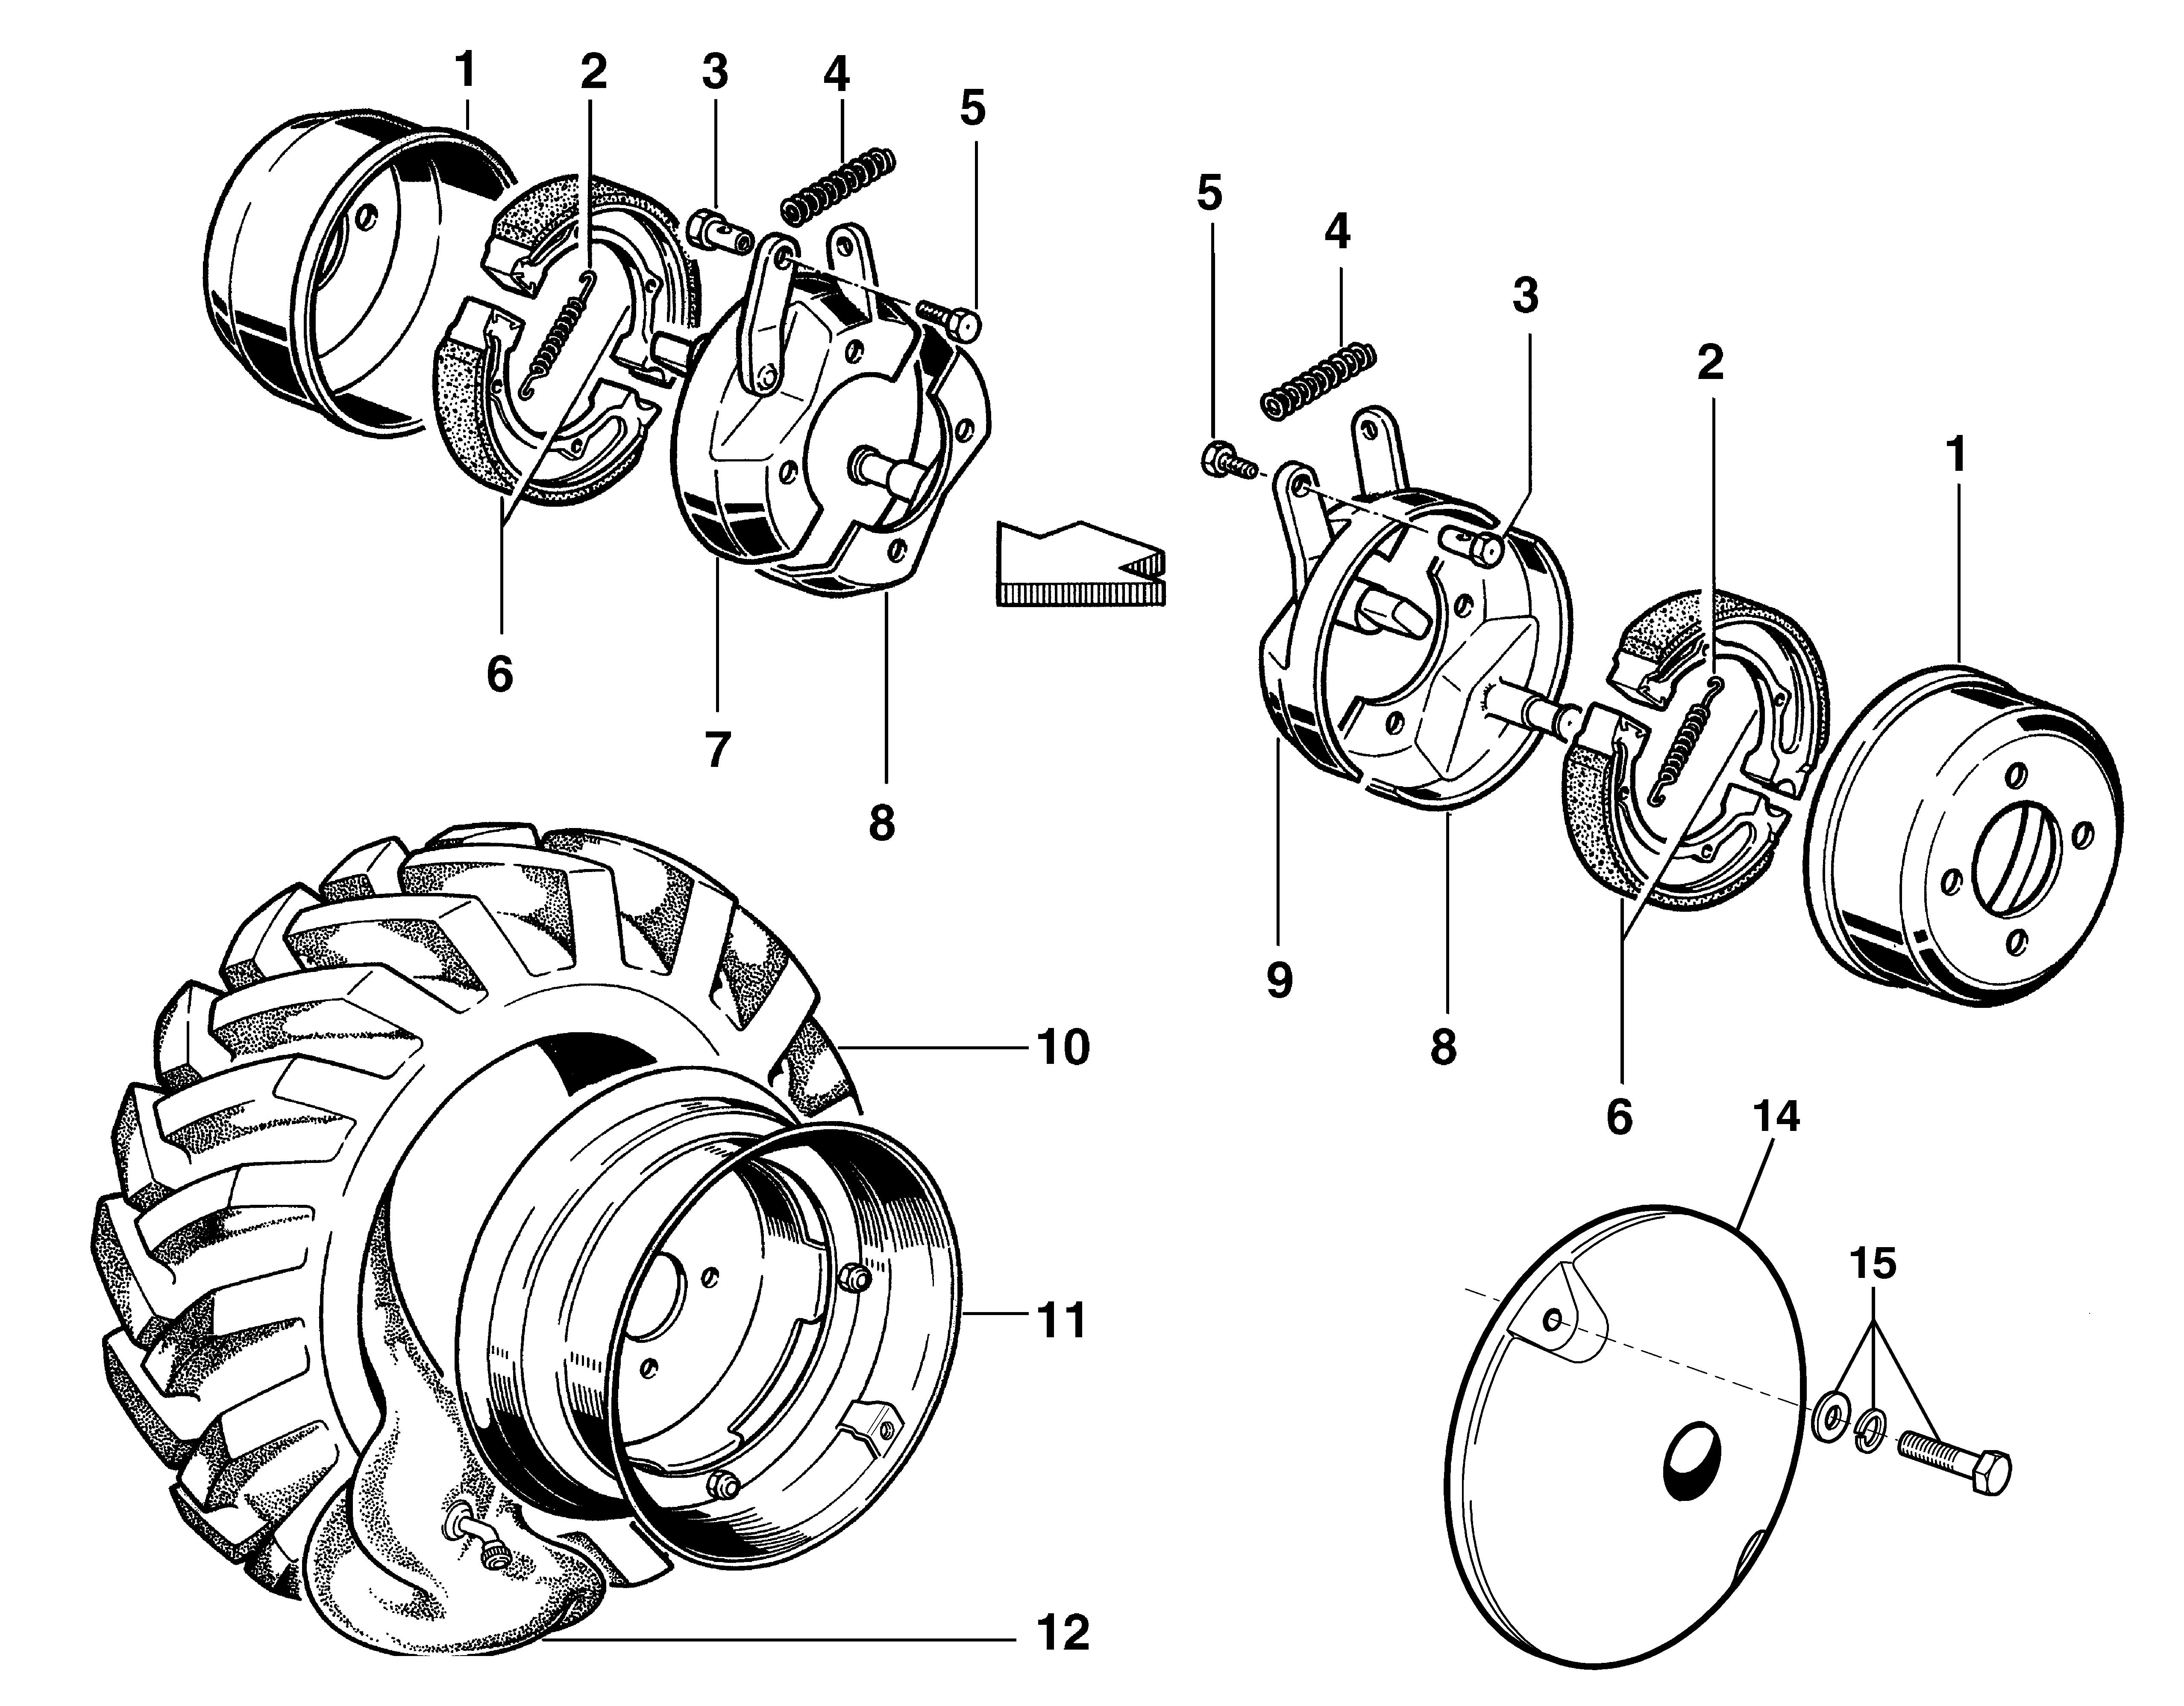 KAM 5 (jusqu'en 2012) Motoculteur  OLEOMAC NIBBI vue éclatée   Dessins pièces -  Frein et roues